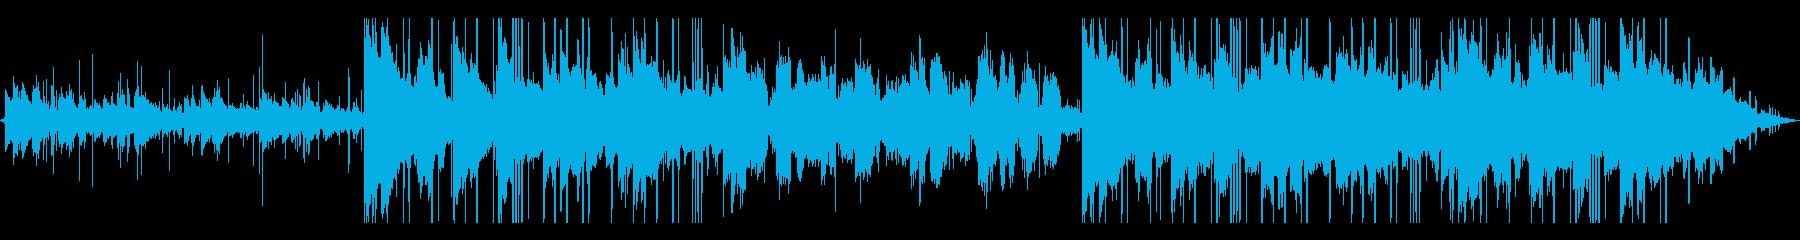 Lofi Hiphop/チル/癒し系の再生済みの波形